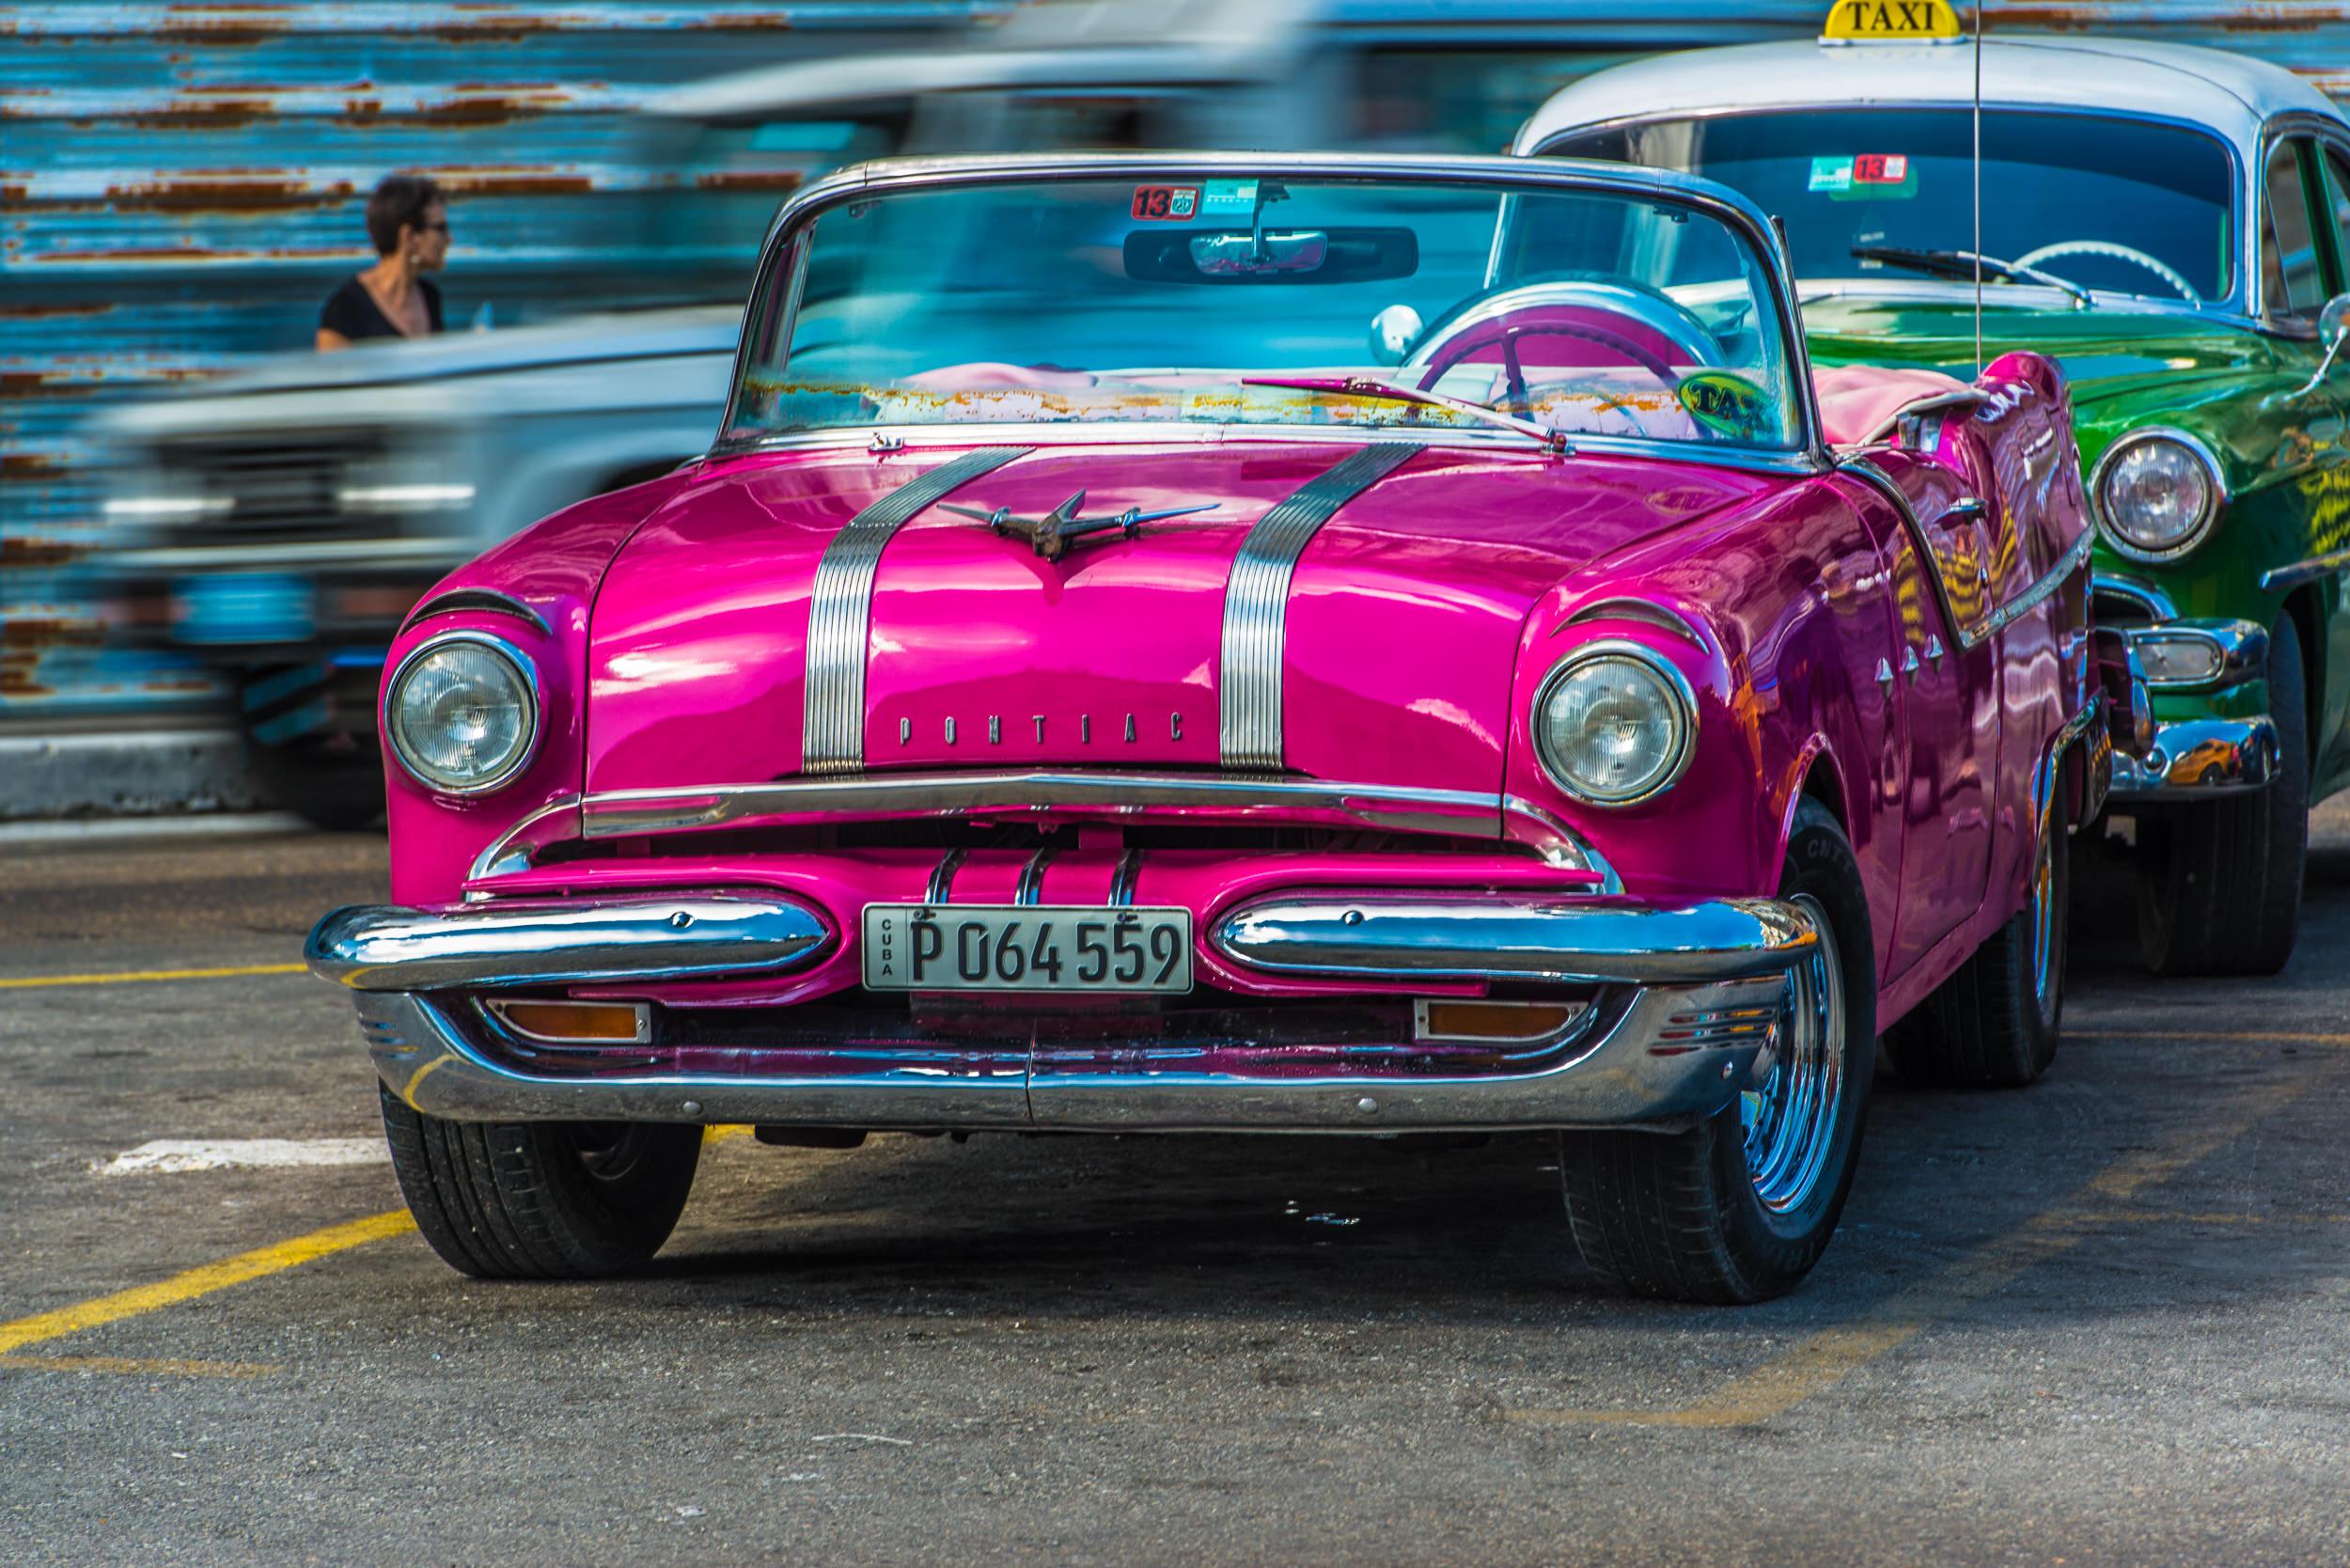 [2013-12-23] NIKON D800 Cuba (9718).jpg